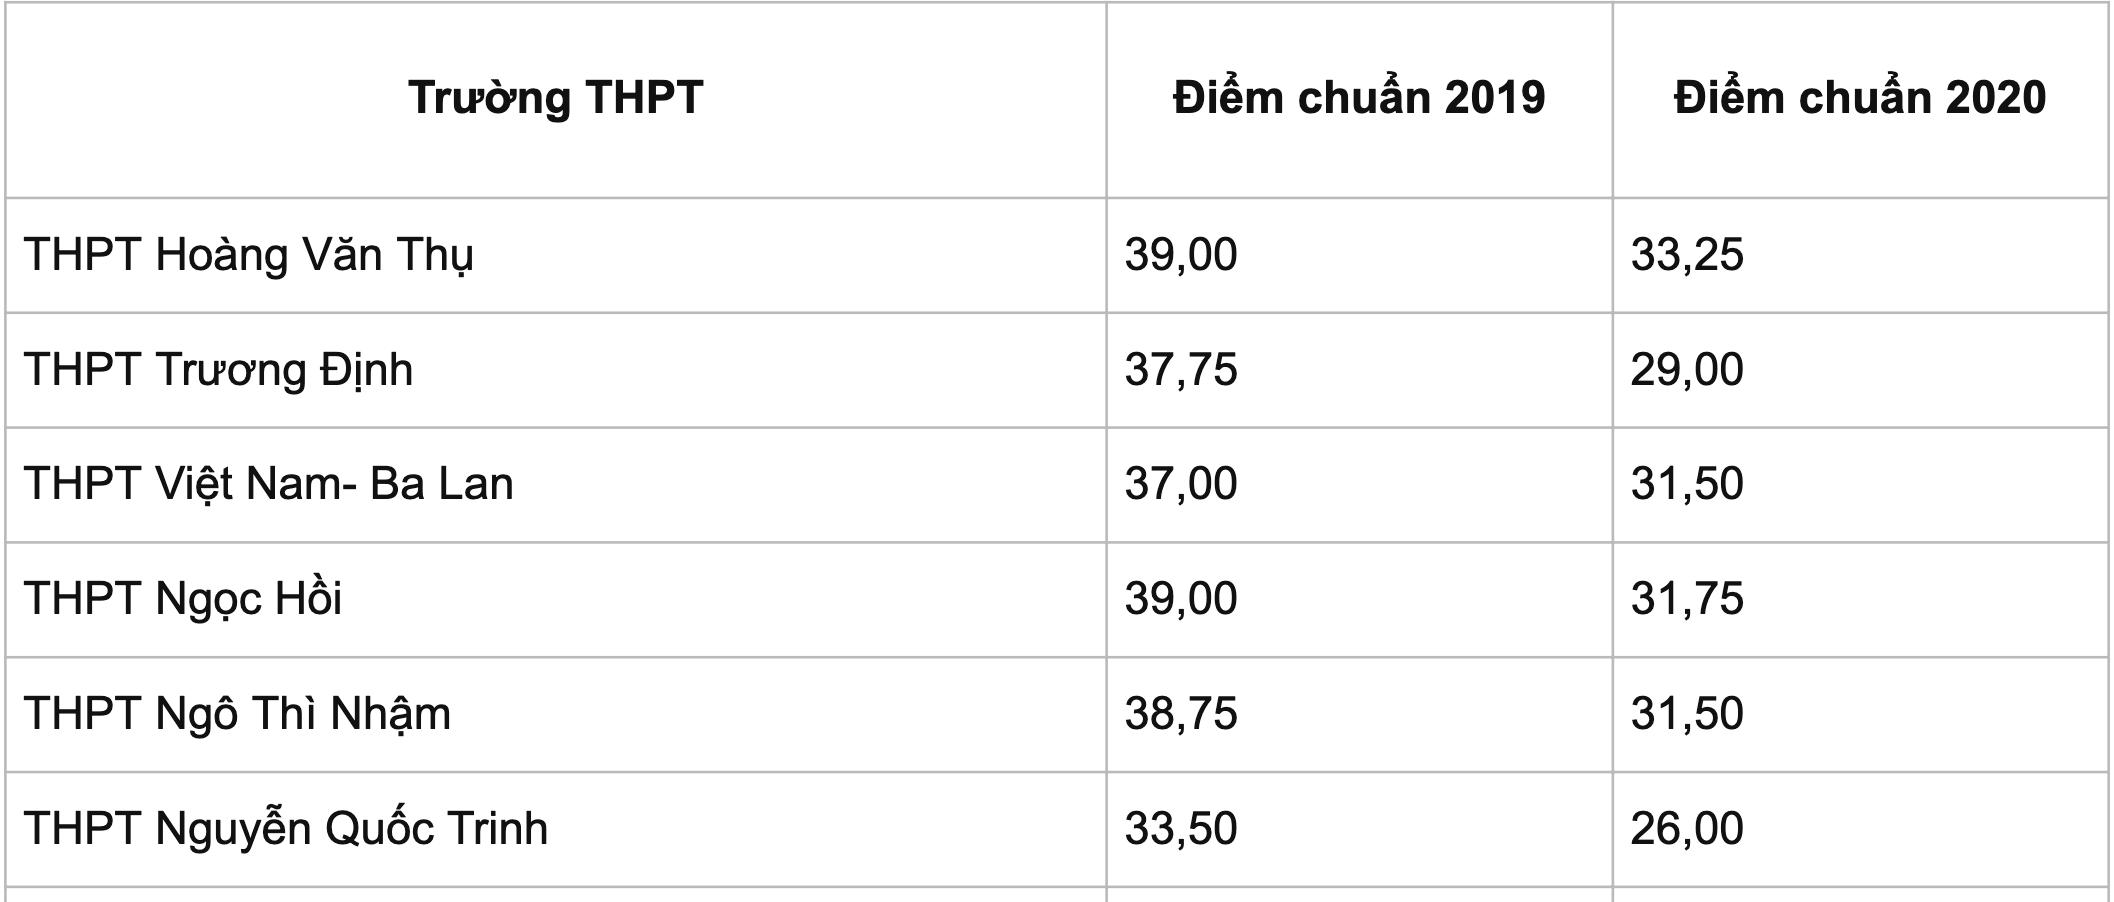 Thi lớp 10 ở Hà Nội: Dự kiến điểm thi, điểm chuẩn đều cao - 5